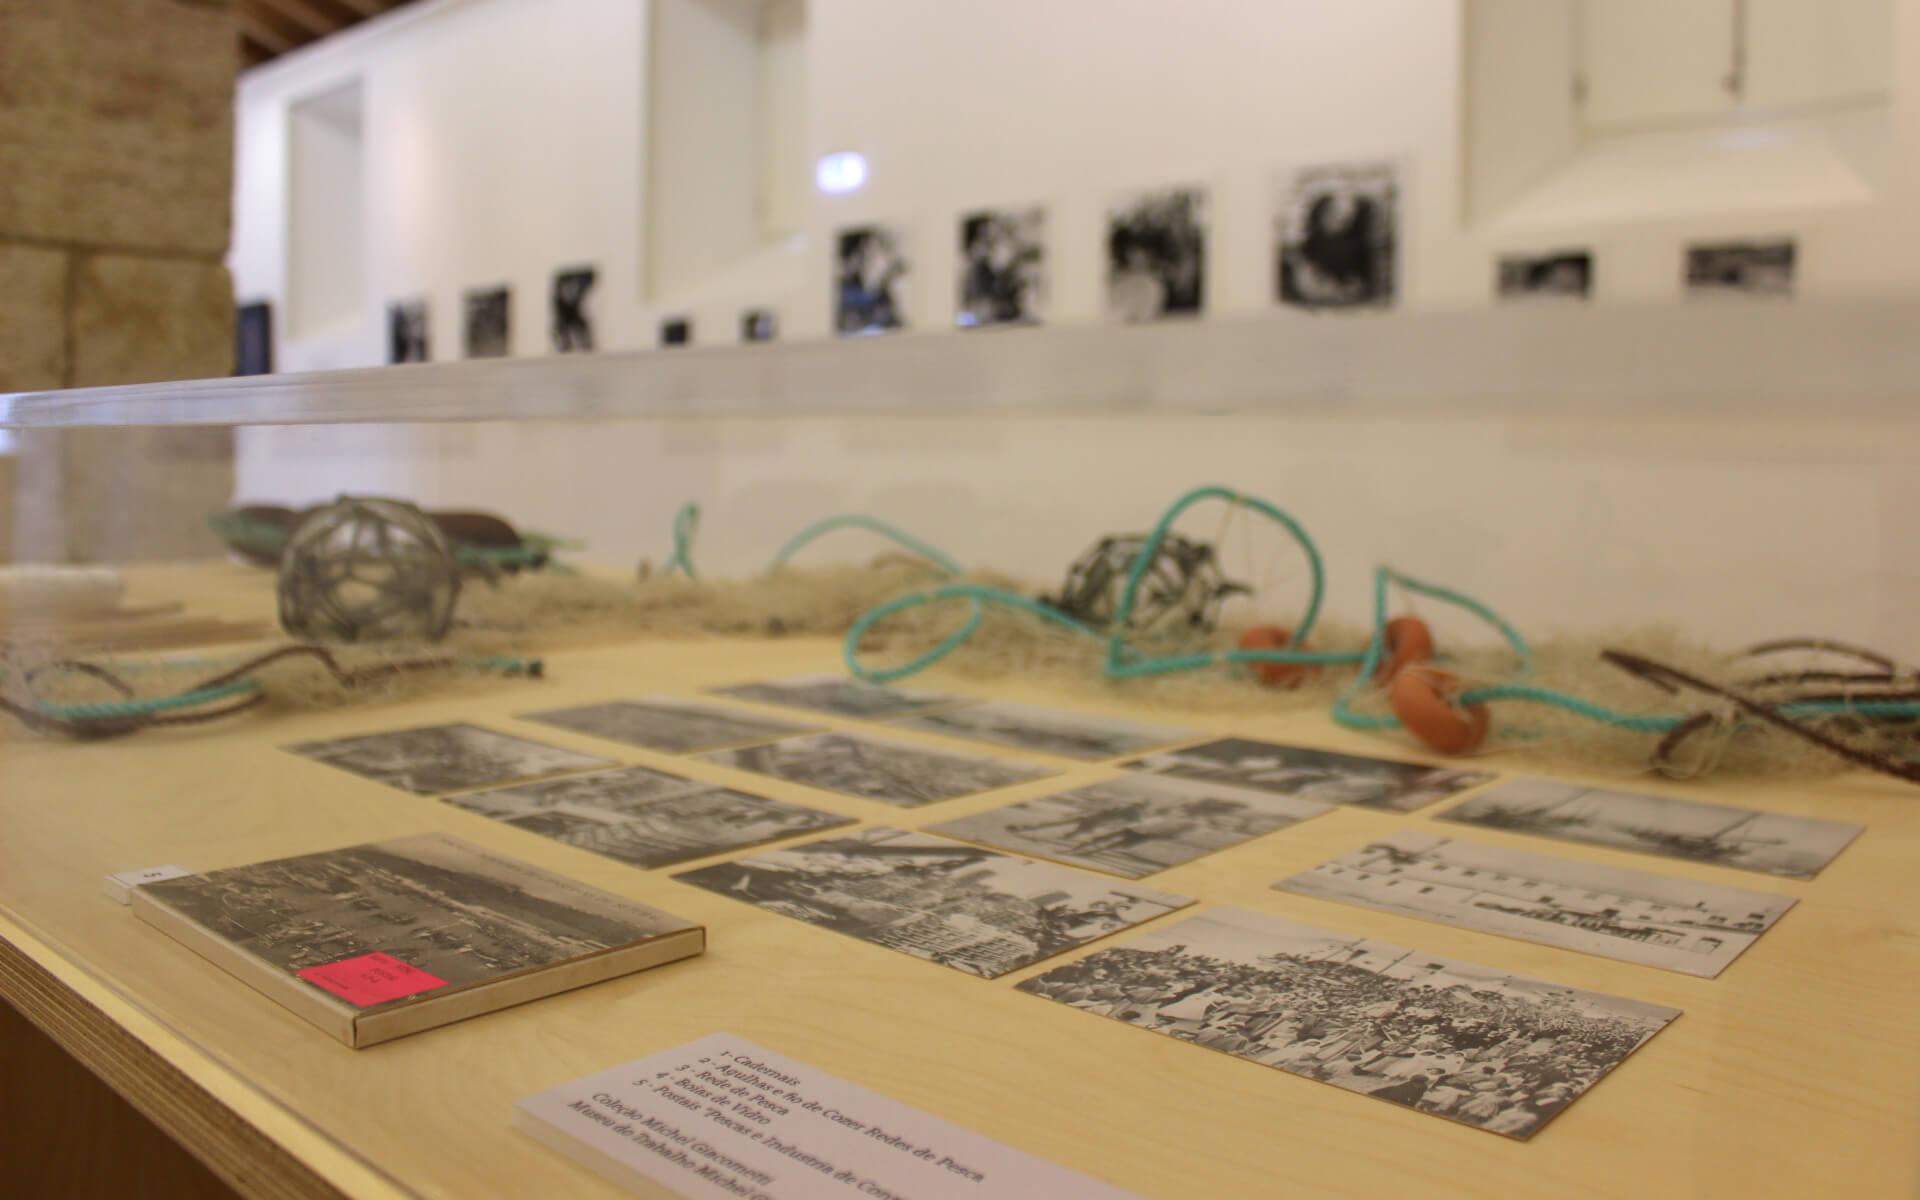 Setubal - Galeria do 11 - Exposição Calafate - Fotografia Ines Antunes Malta